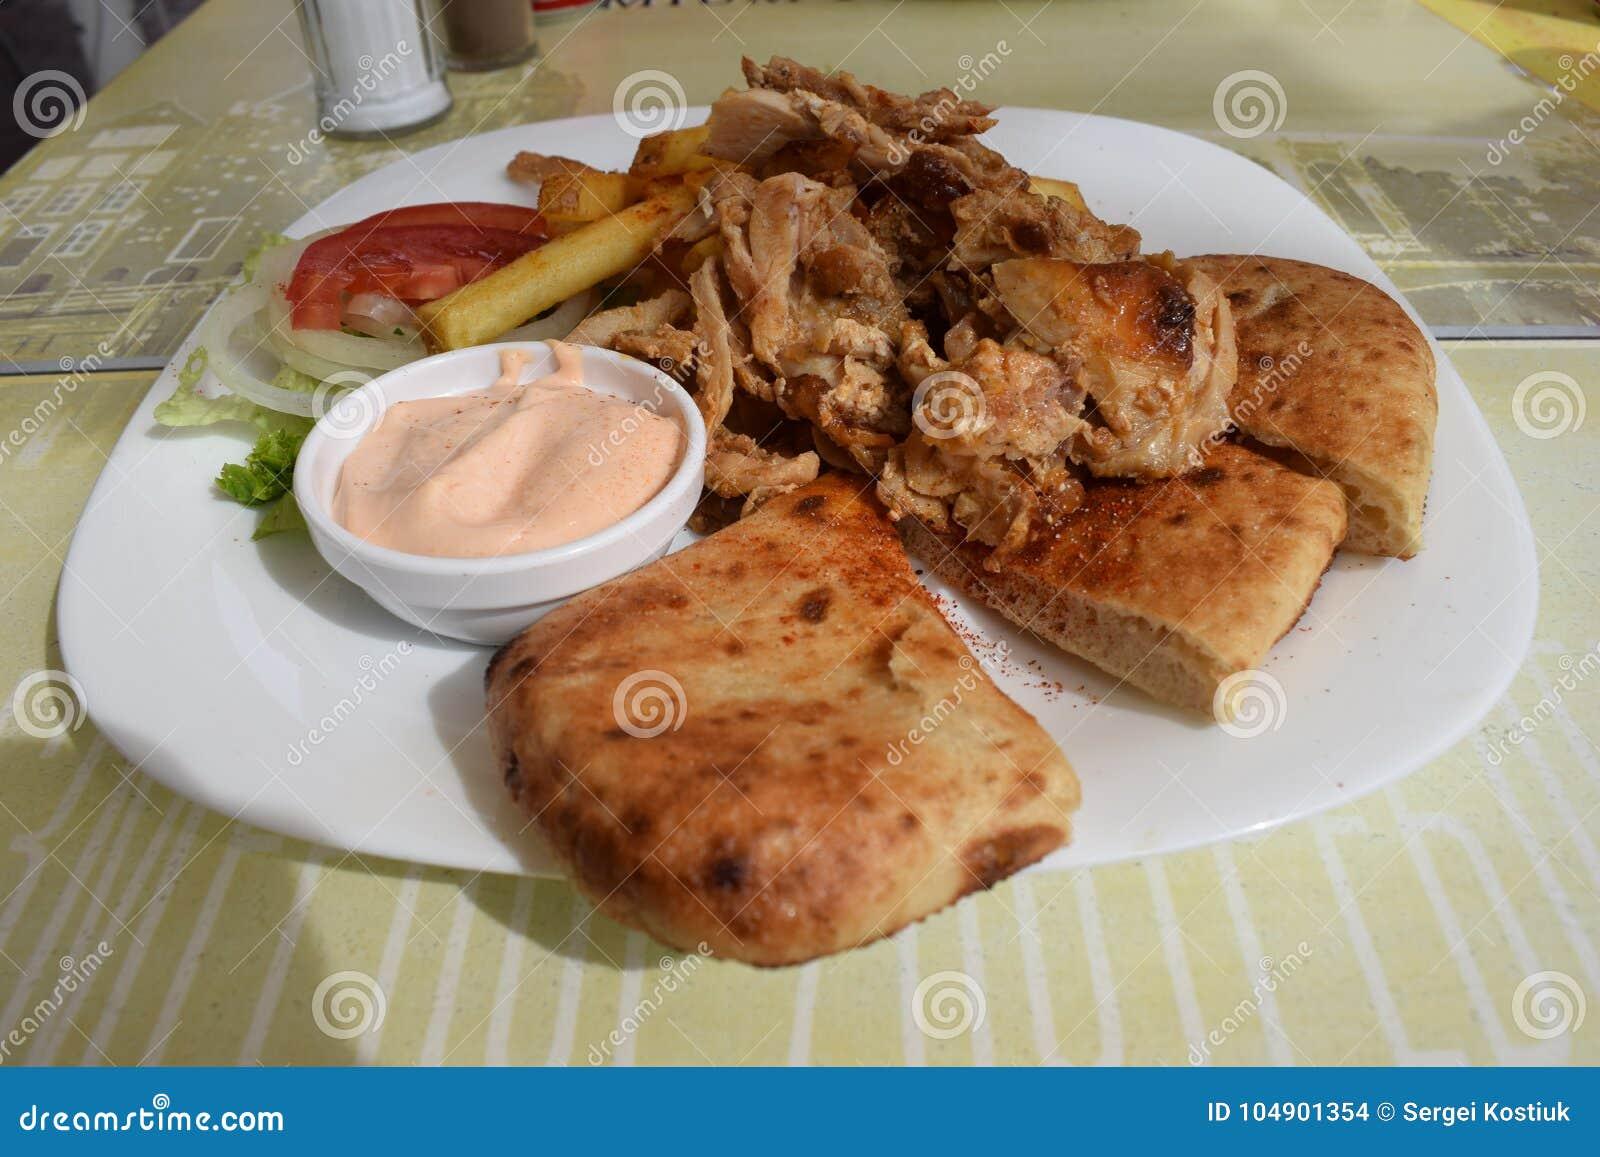 Prato de galinha